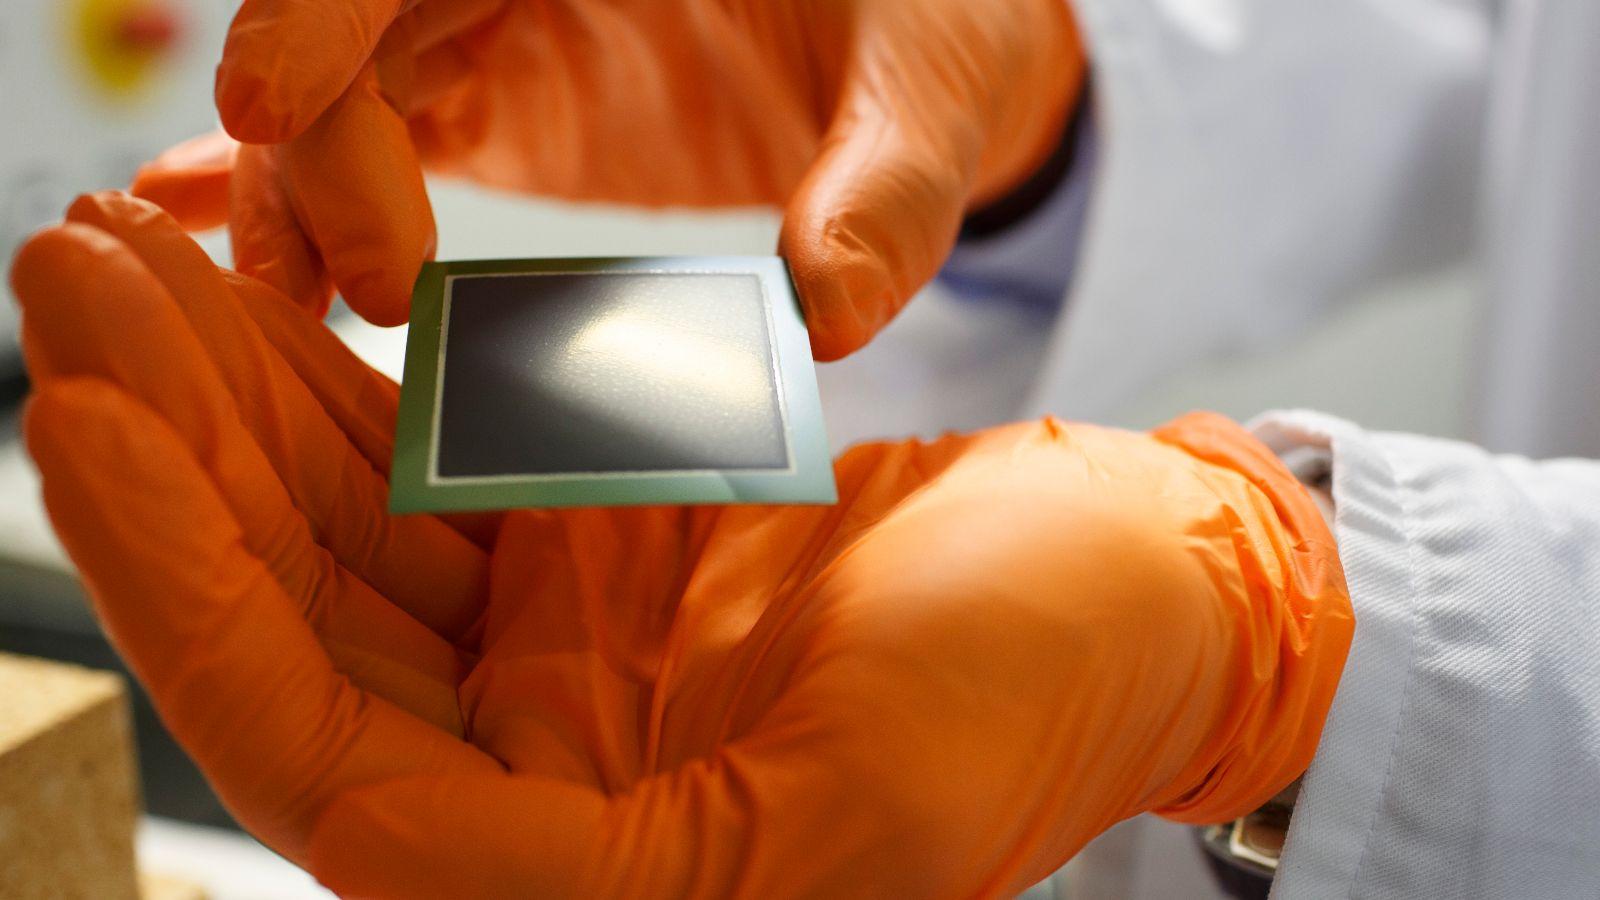 Das Bild eine Hand, die eine Iridium-beschichtete Katalysatoren-Platte zeigt.